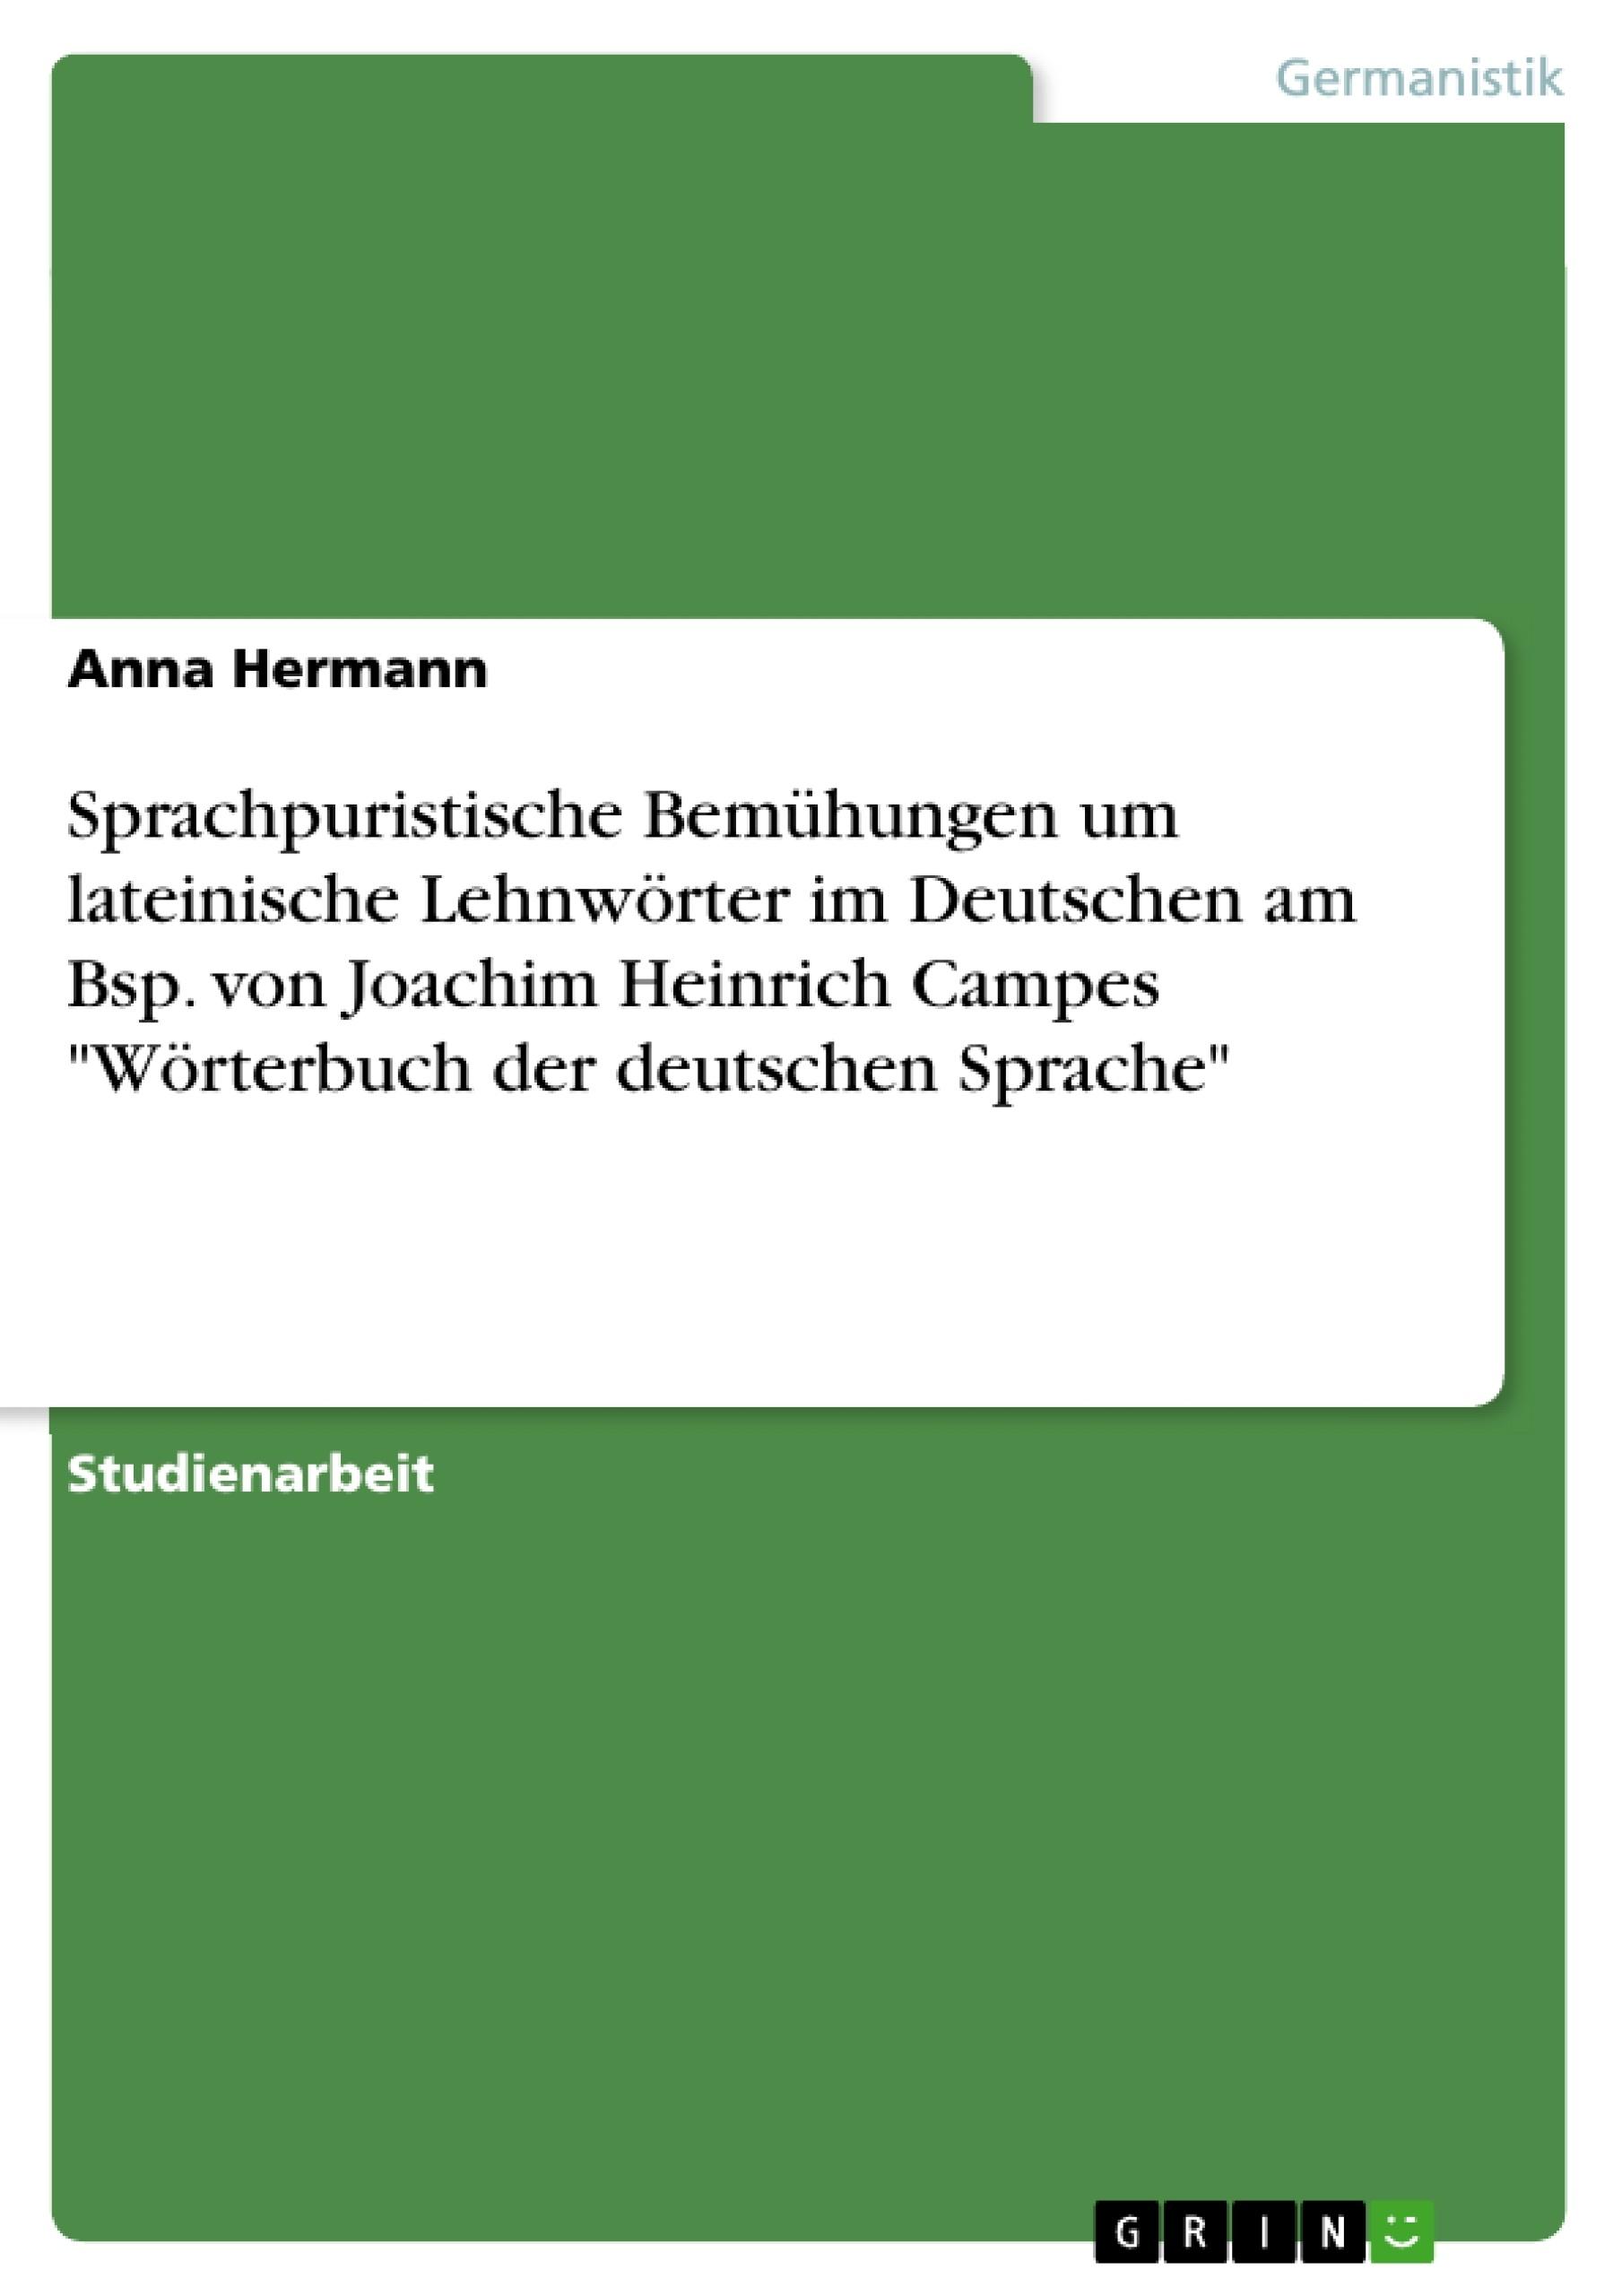 """Titel: Sprachpuristische Bemühungen um lateinische Lehnwörter im Deutschen am Bsp. von Joachim Heinrich Campes """"Wörterbuch der deutschen Sprache"""""""